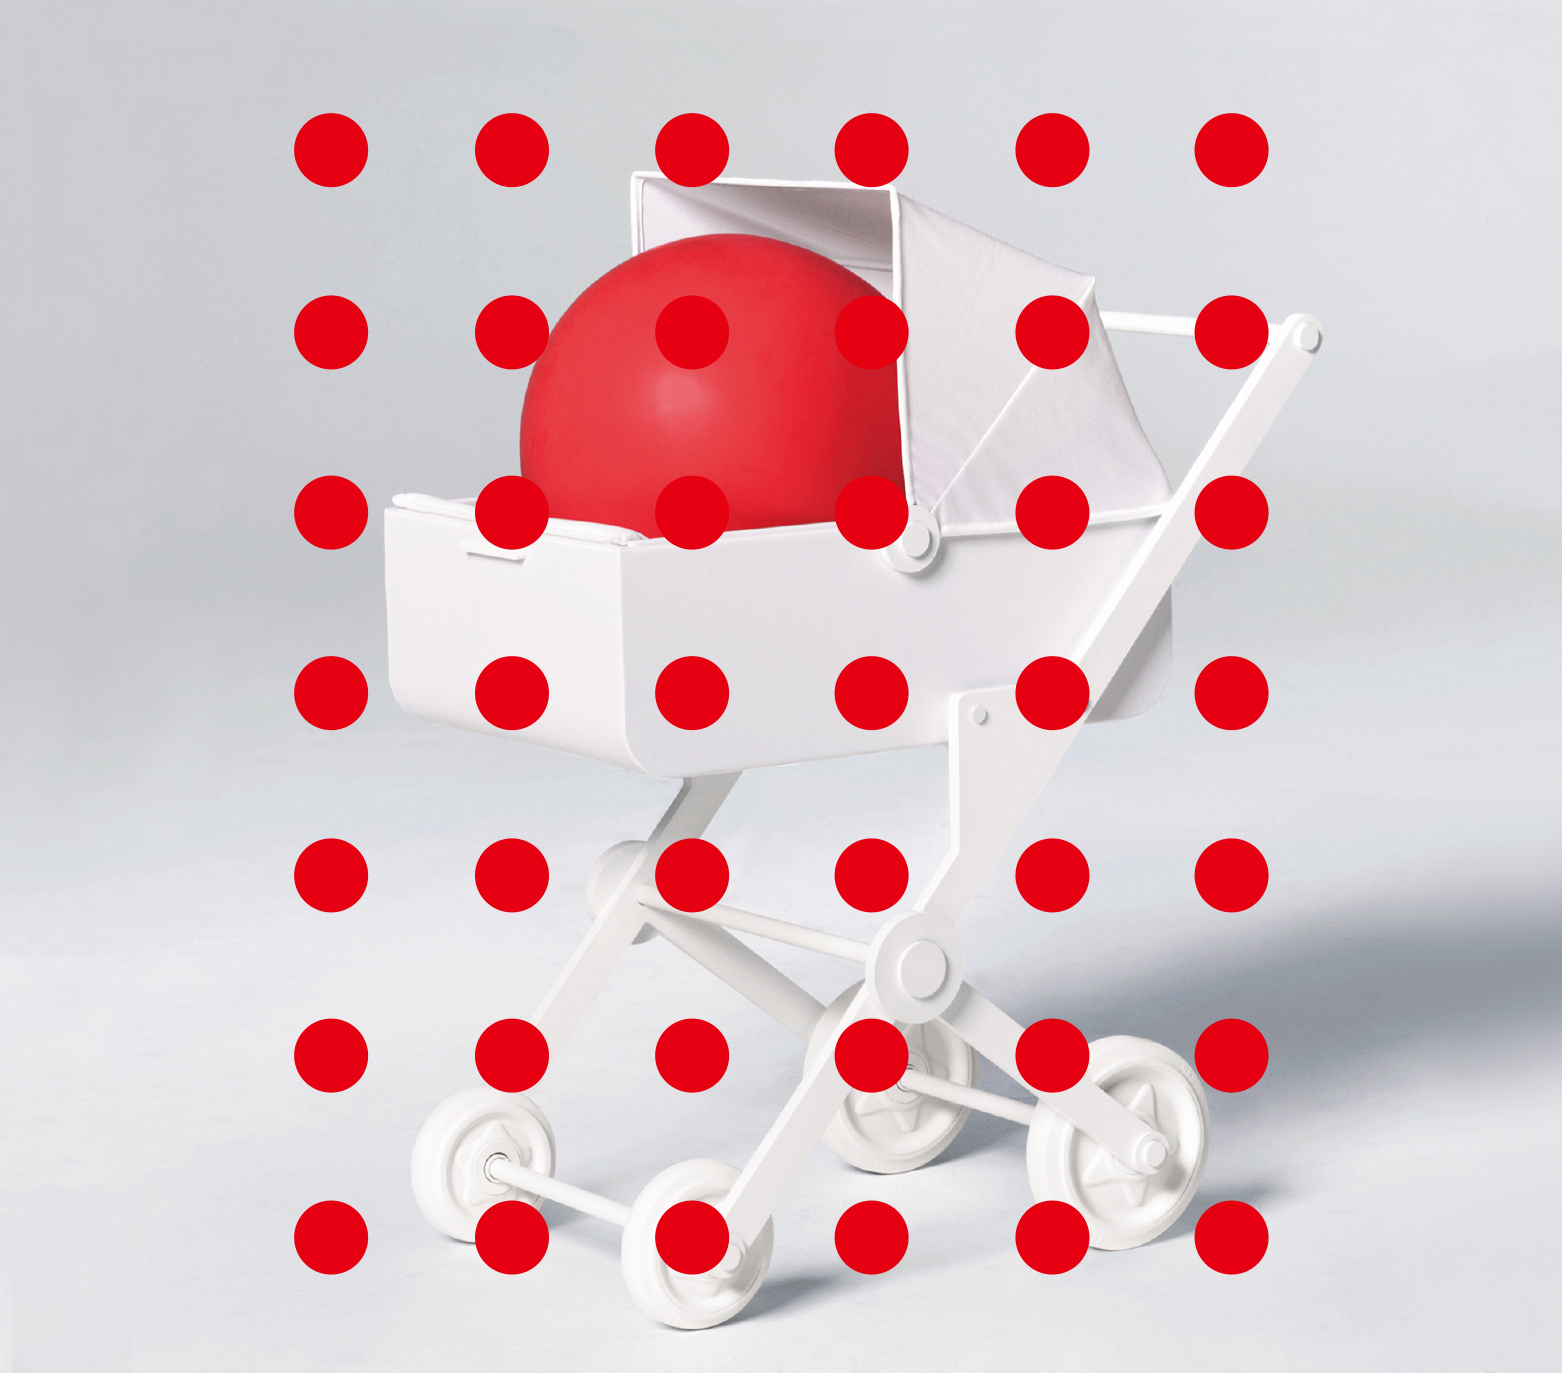 赤い公園 (あかいこうえん) 1stフルアルバム『公園デビュー』(初回盤) 高画質CDジャケット画像 (ジャケ写)